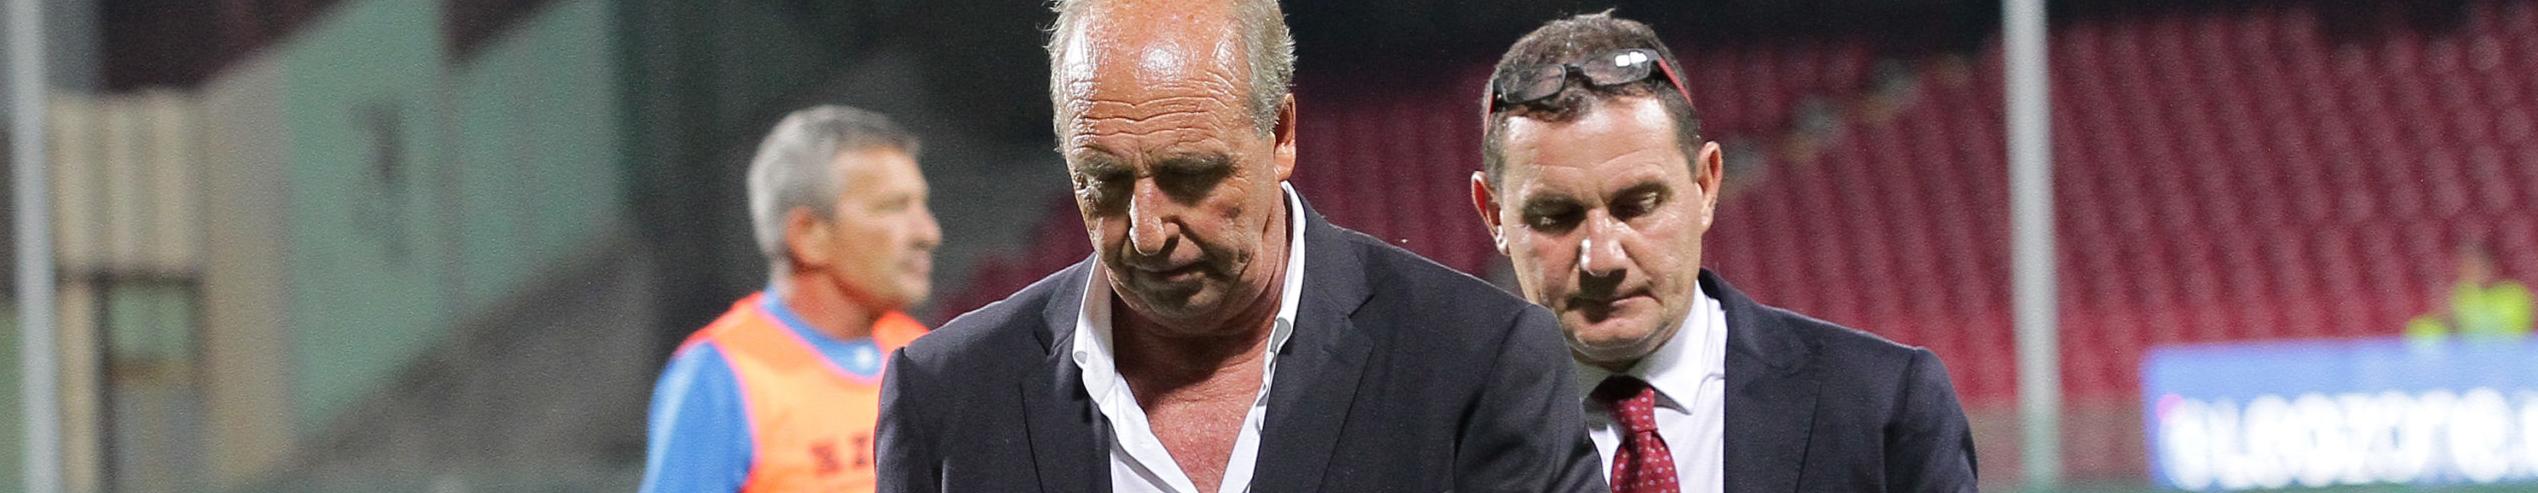 Salernitana-Trapani: Ventura intravede la Serie A, Castori vuole evitare la C